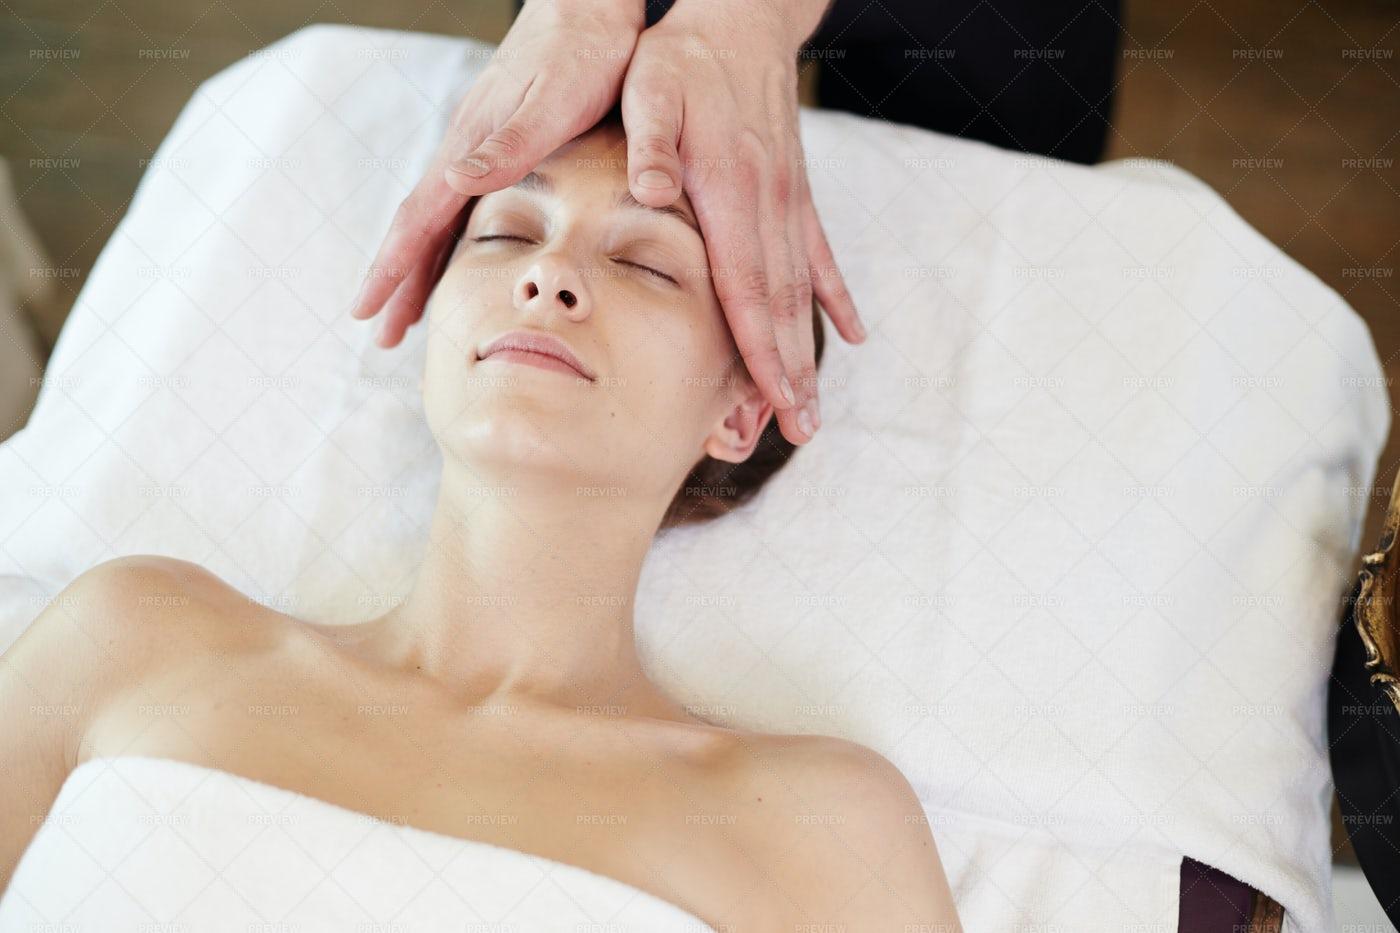 Woman Enjoying Face Lifting Massage...: Stock Photos